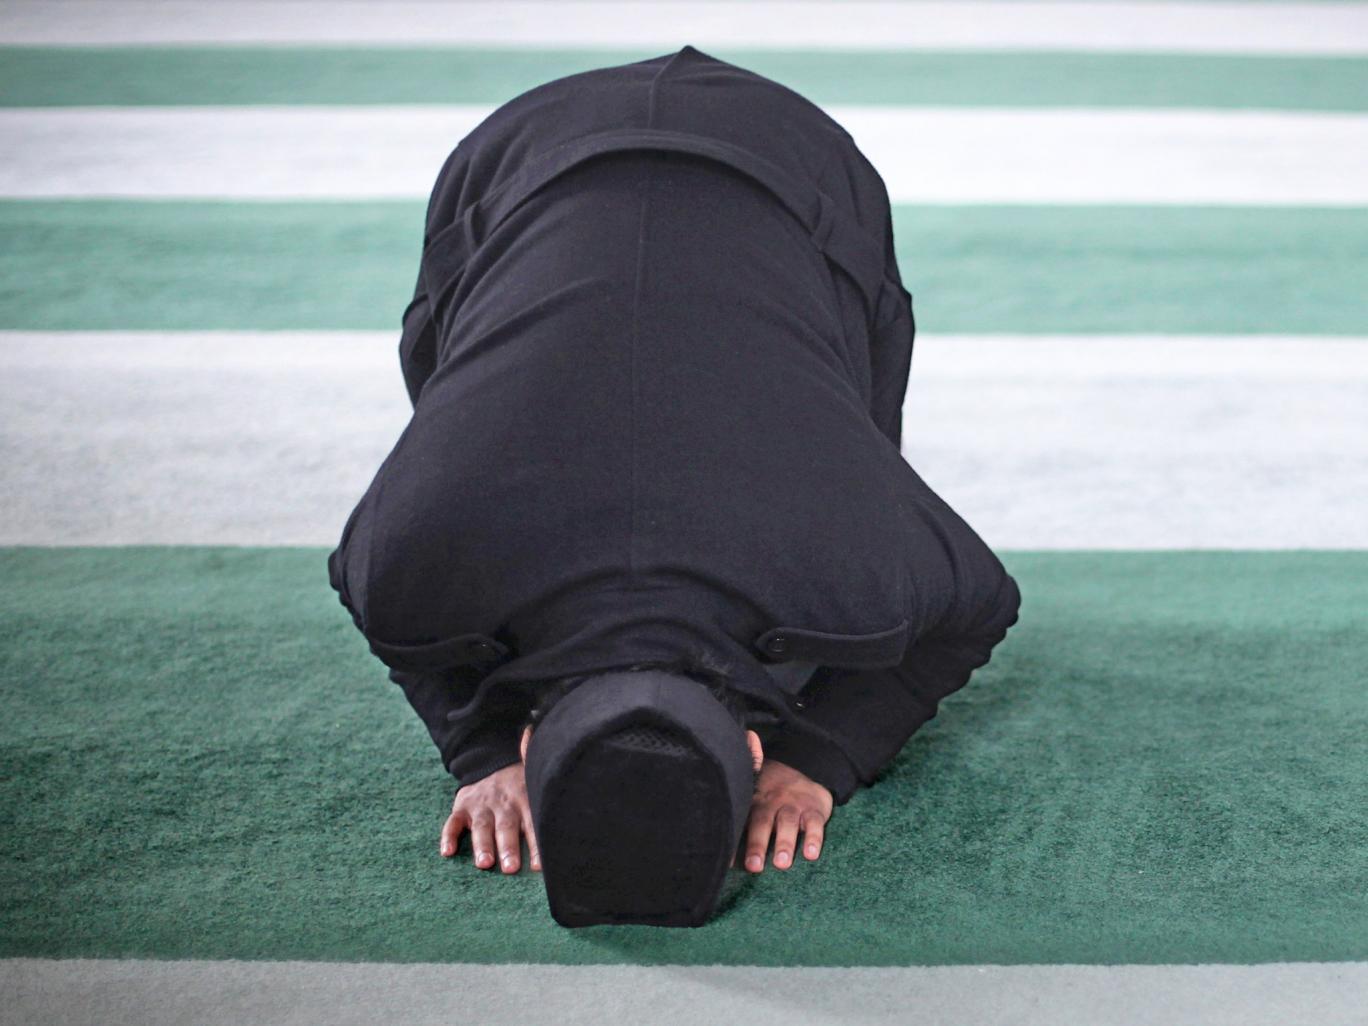 Lelaki Scotland Peluk Islam Tanpa Jumpa Orang Islam ?